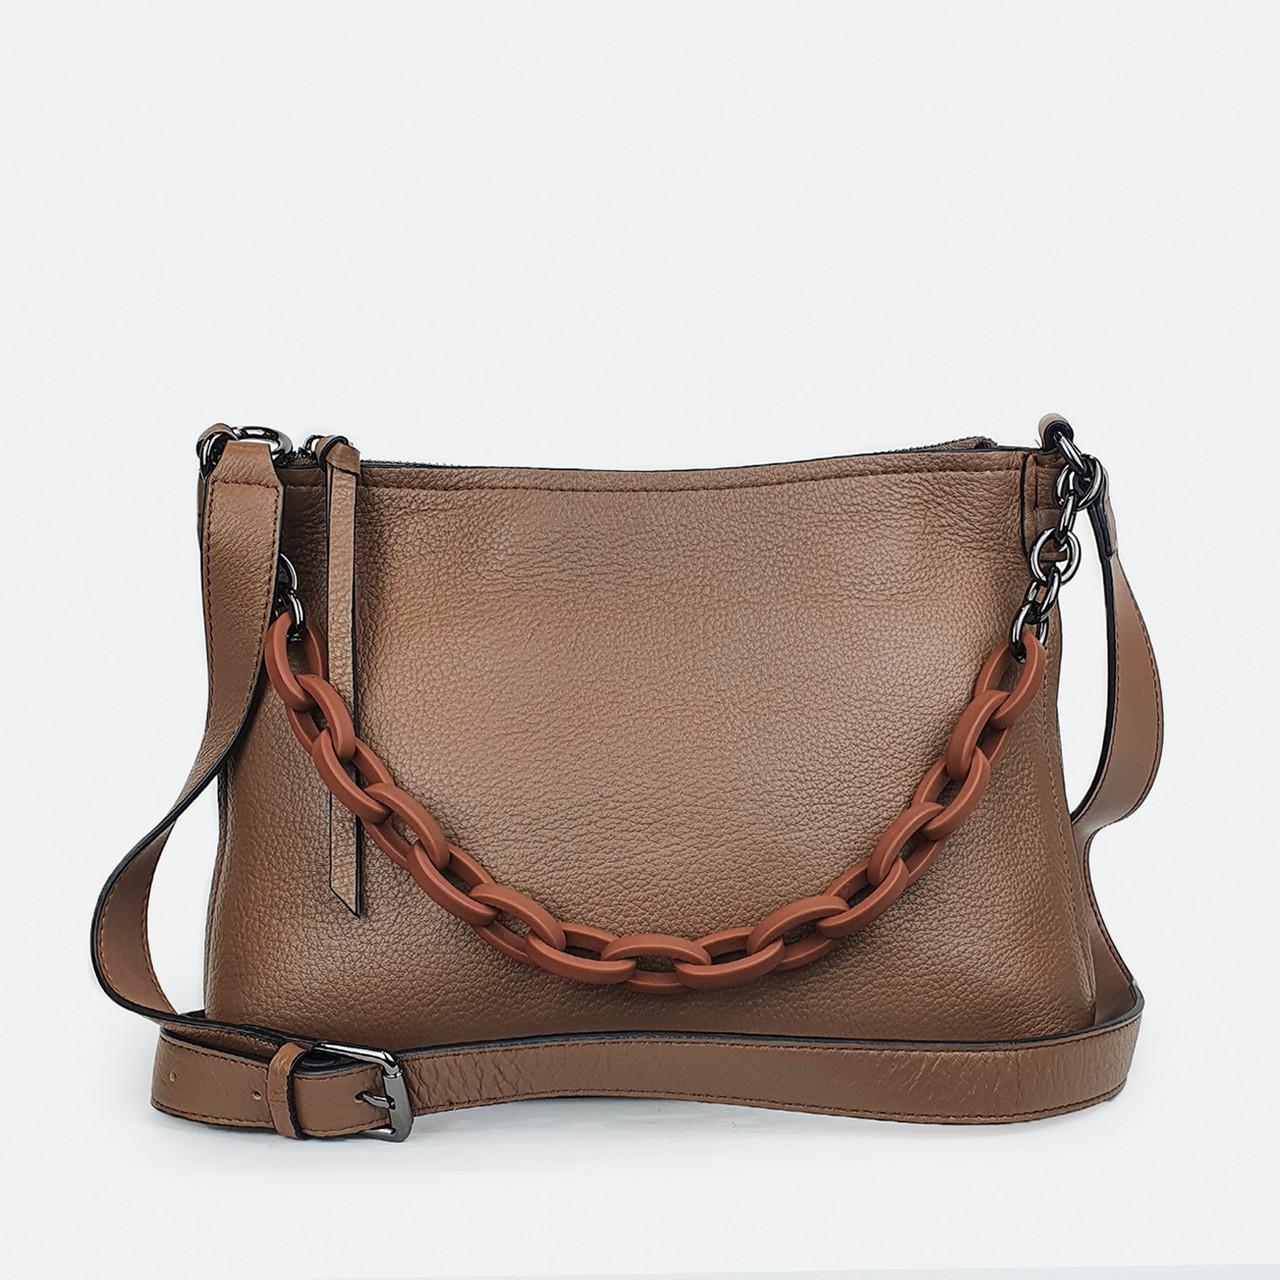 Жіноча сумка з ланцюгом світло-коричнева шкіряна 15160